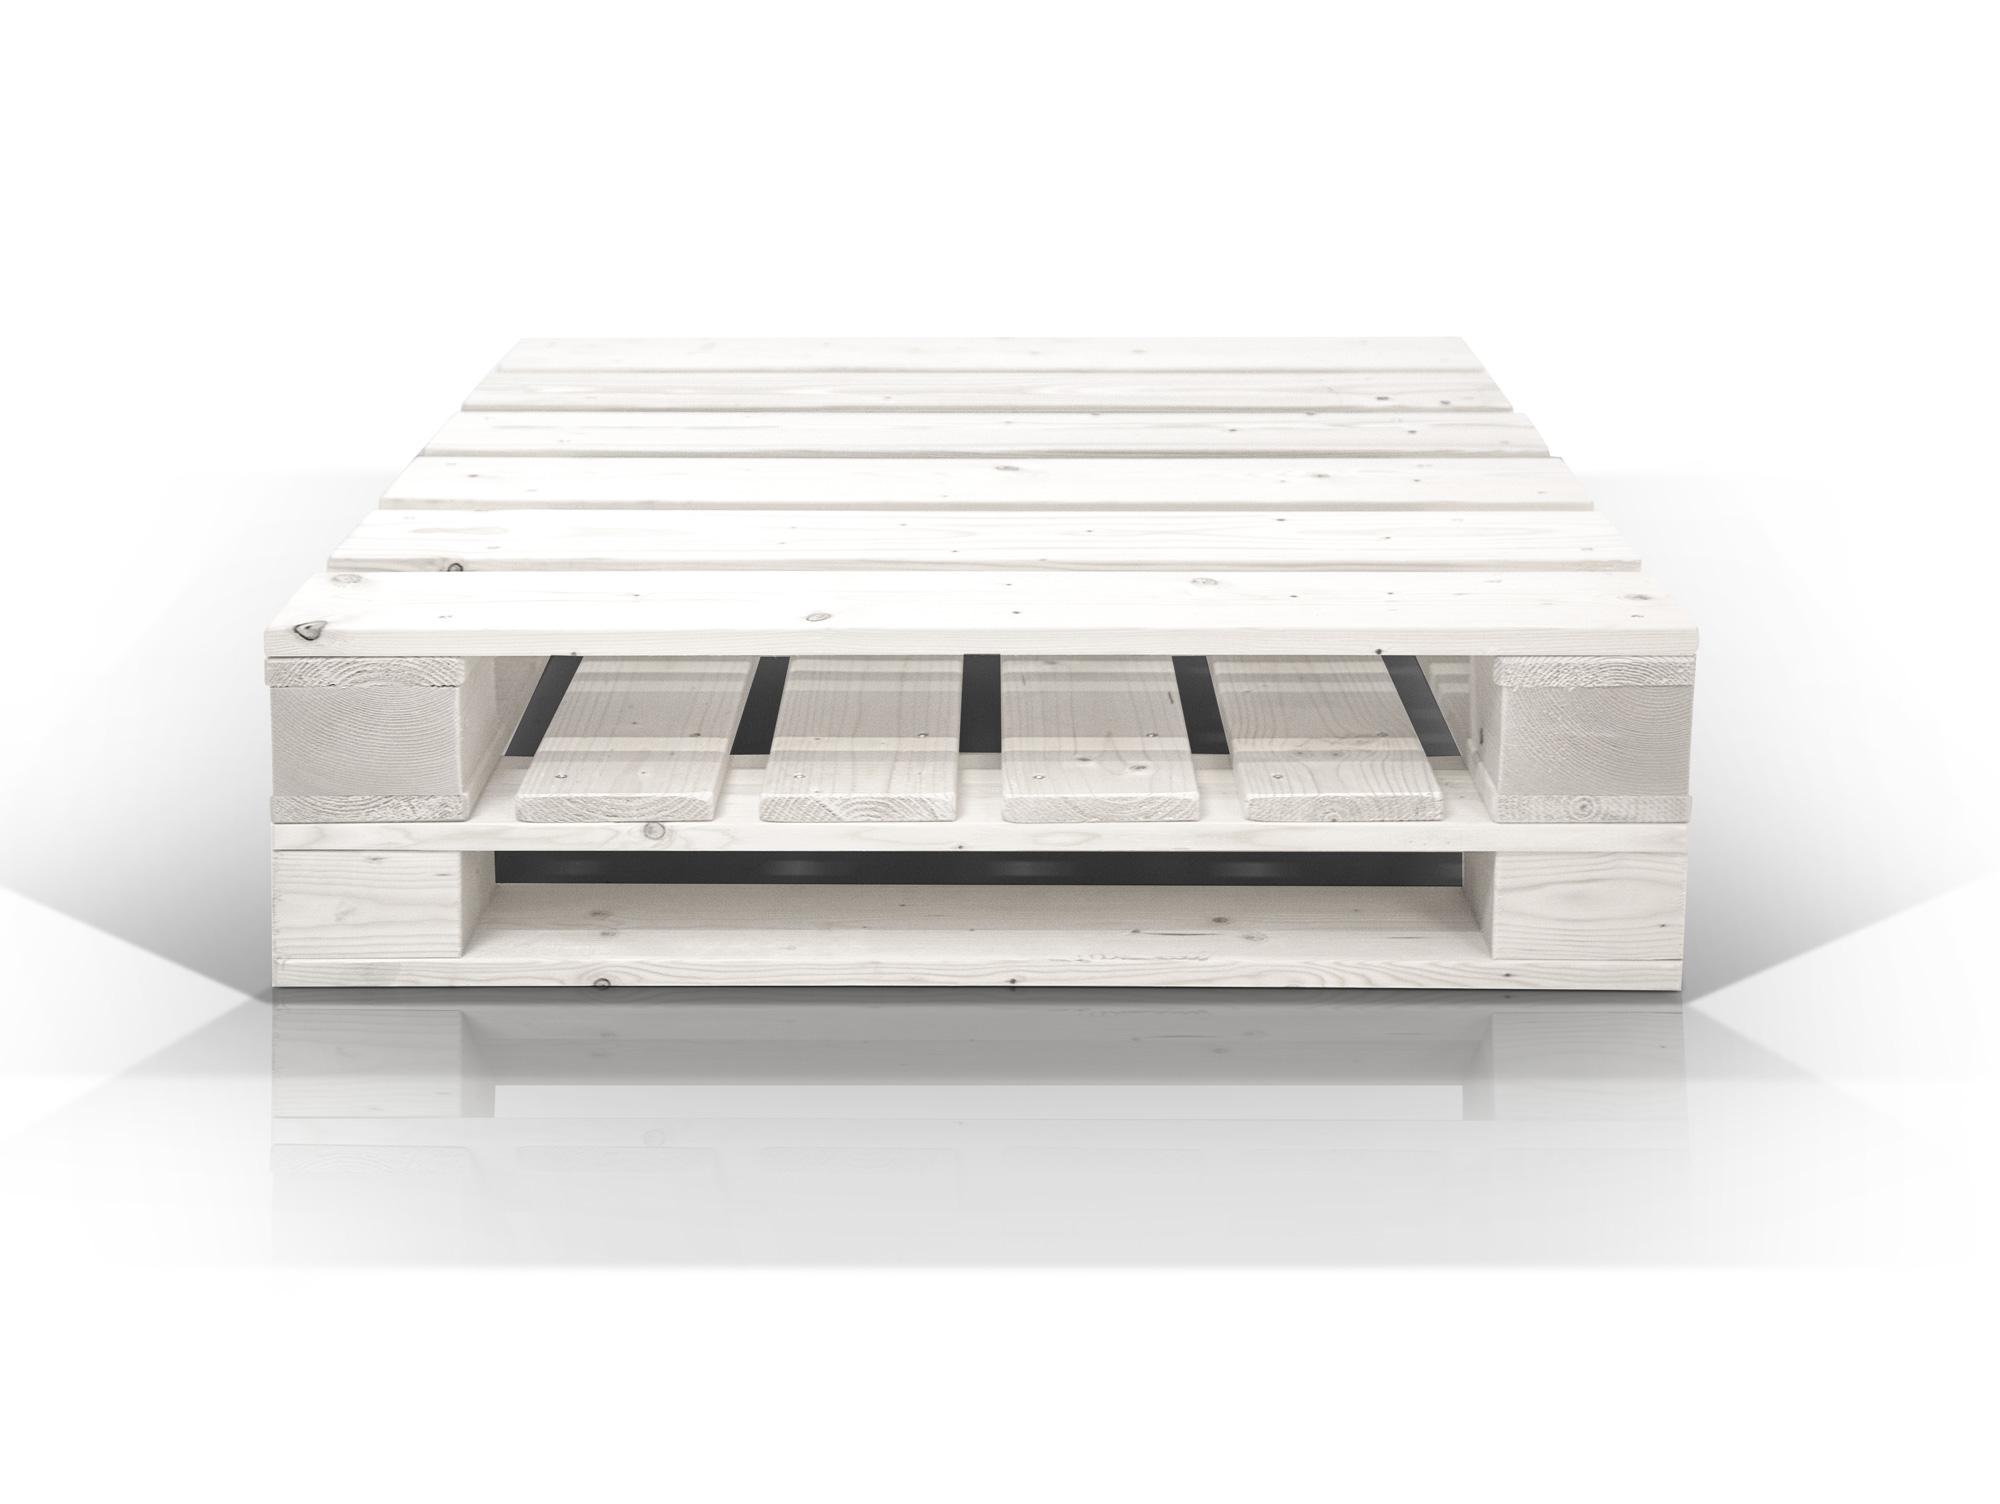 paletti couchtisch ii aus paletten 90x90 cm weiss lackiert. Black Bedroom Furniture Sets. Home Design Ideas